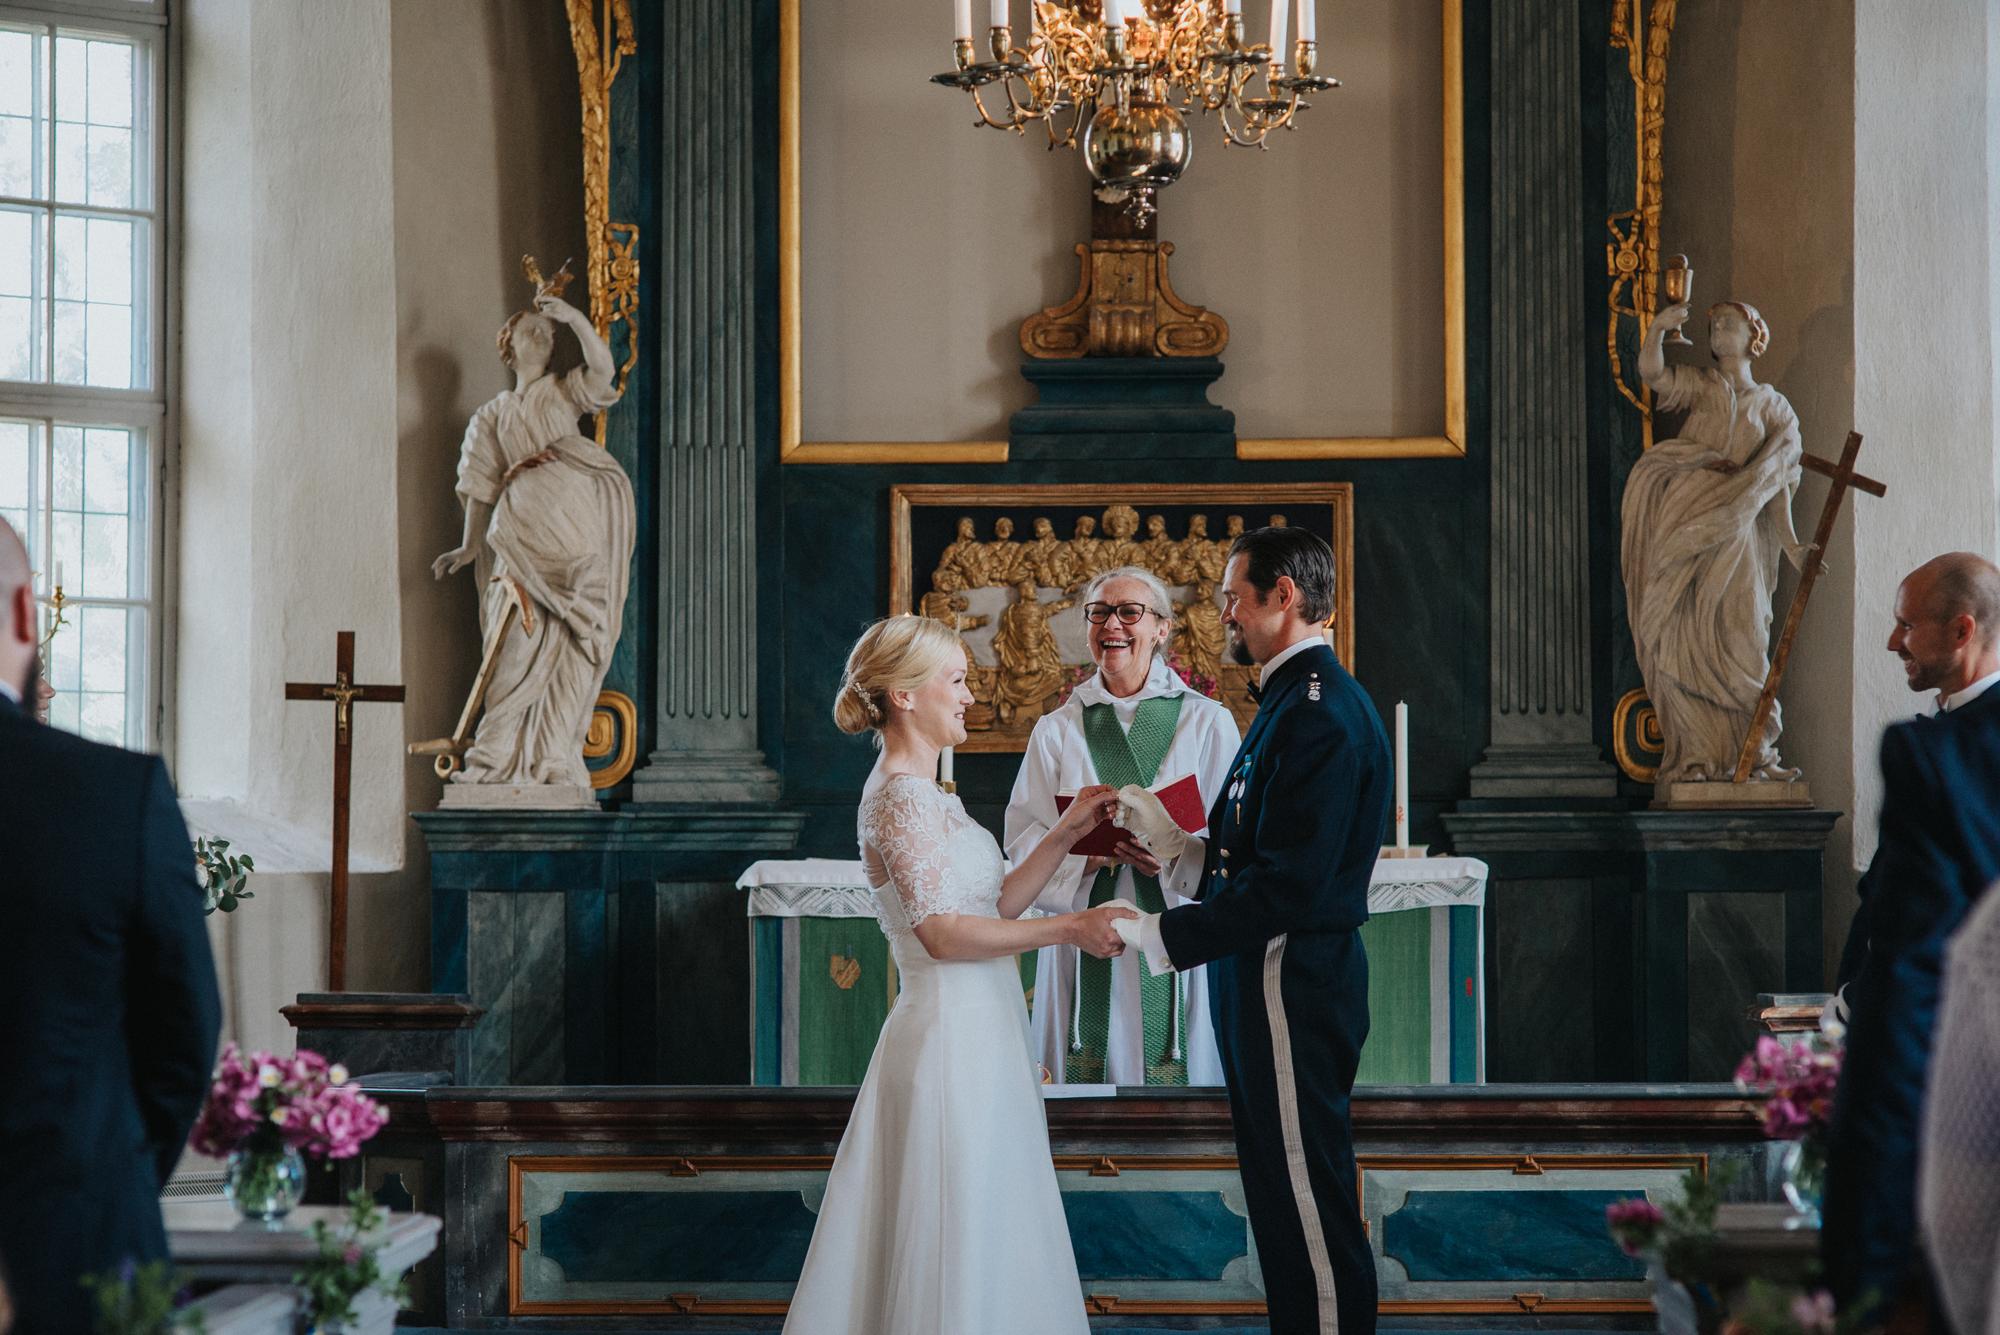 028-bröllopsfotograf-vassunda-knivsta-neas-fotografi.jpg